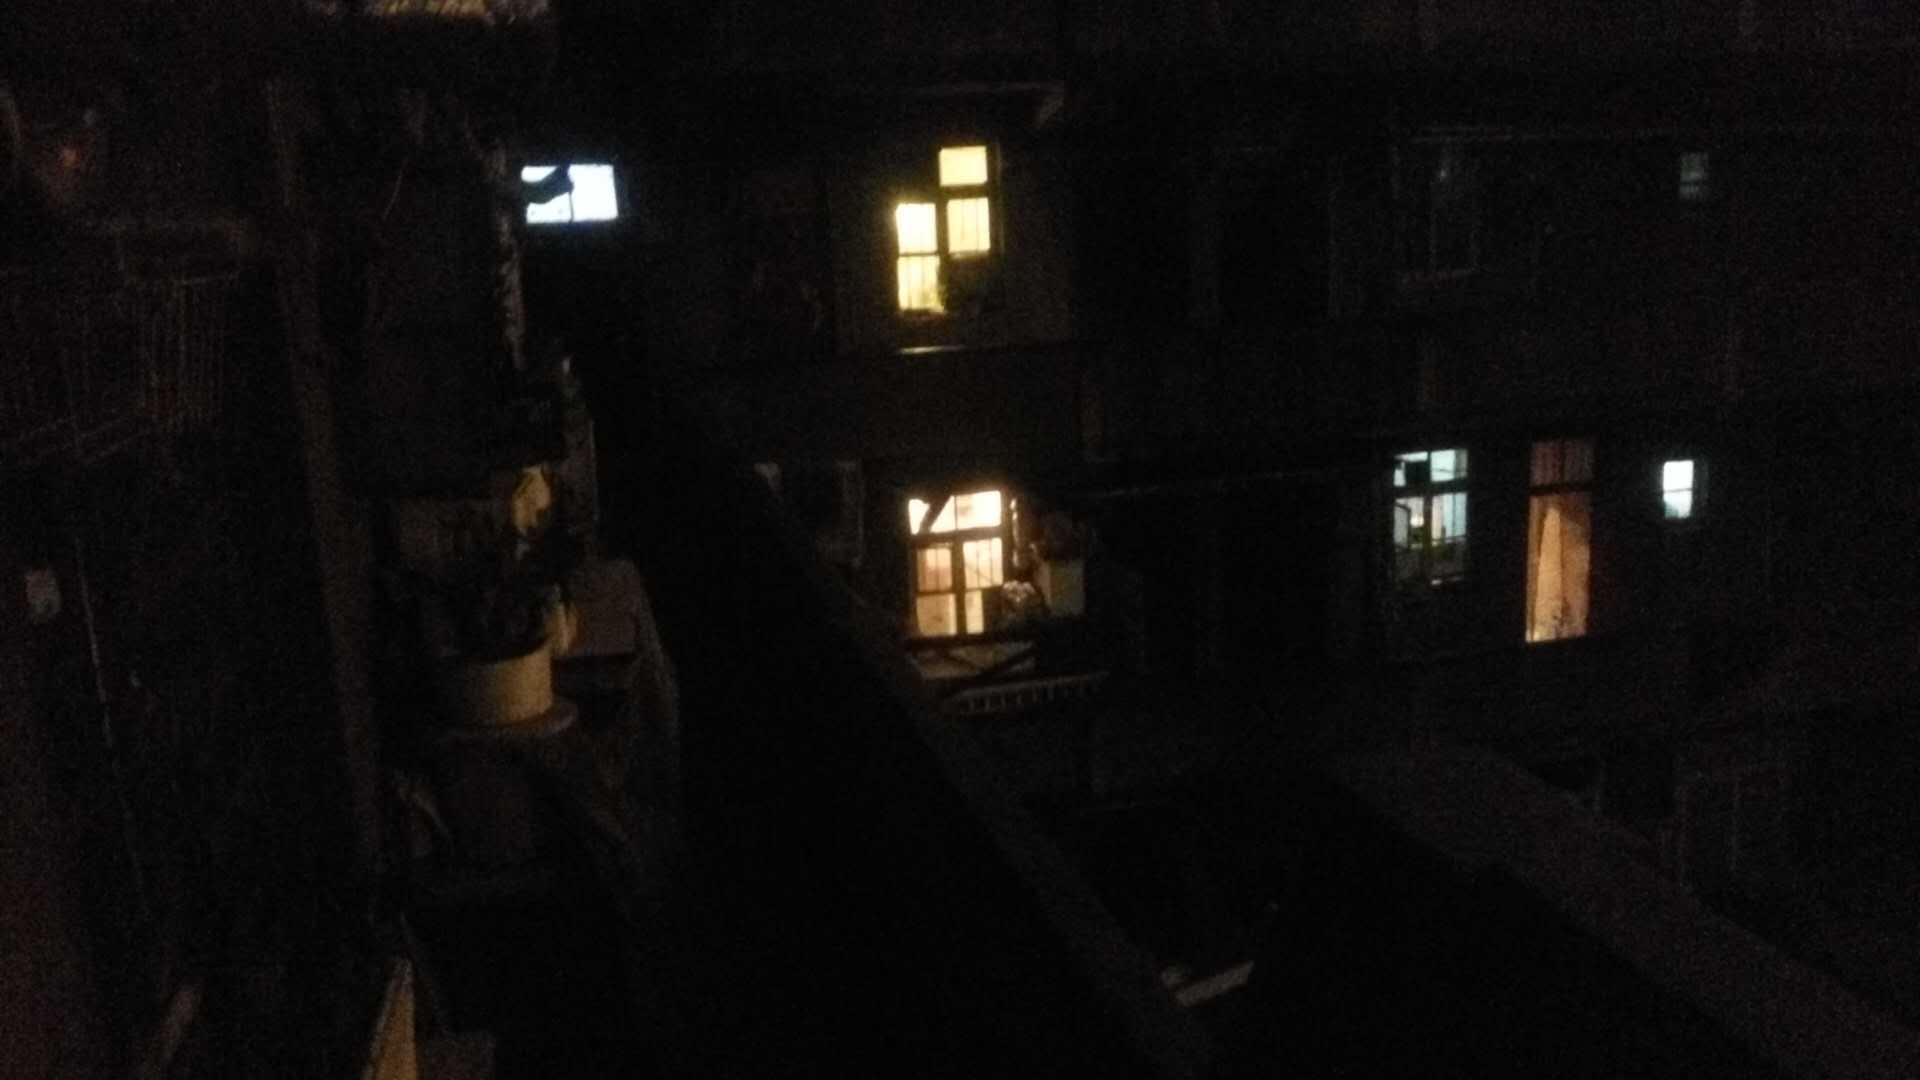 夜里二三楼住家的光,拆迁队的屋子也亮着灯。(作者供图)